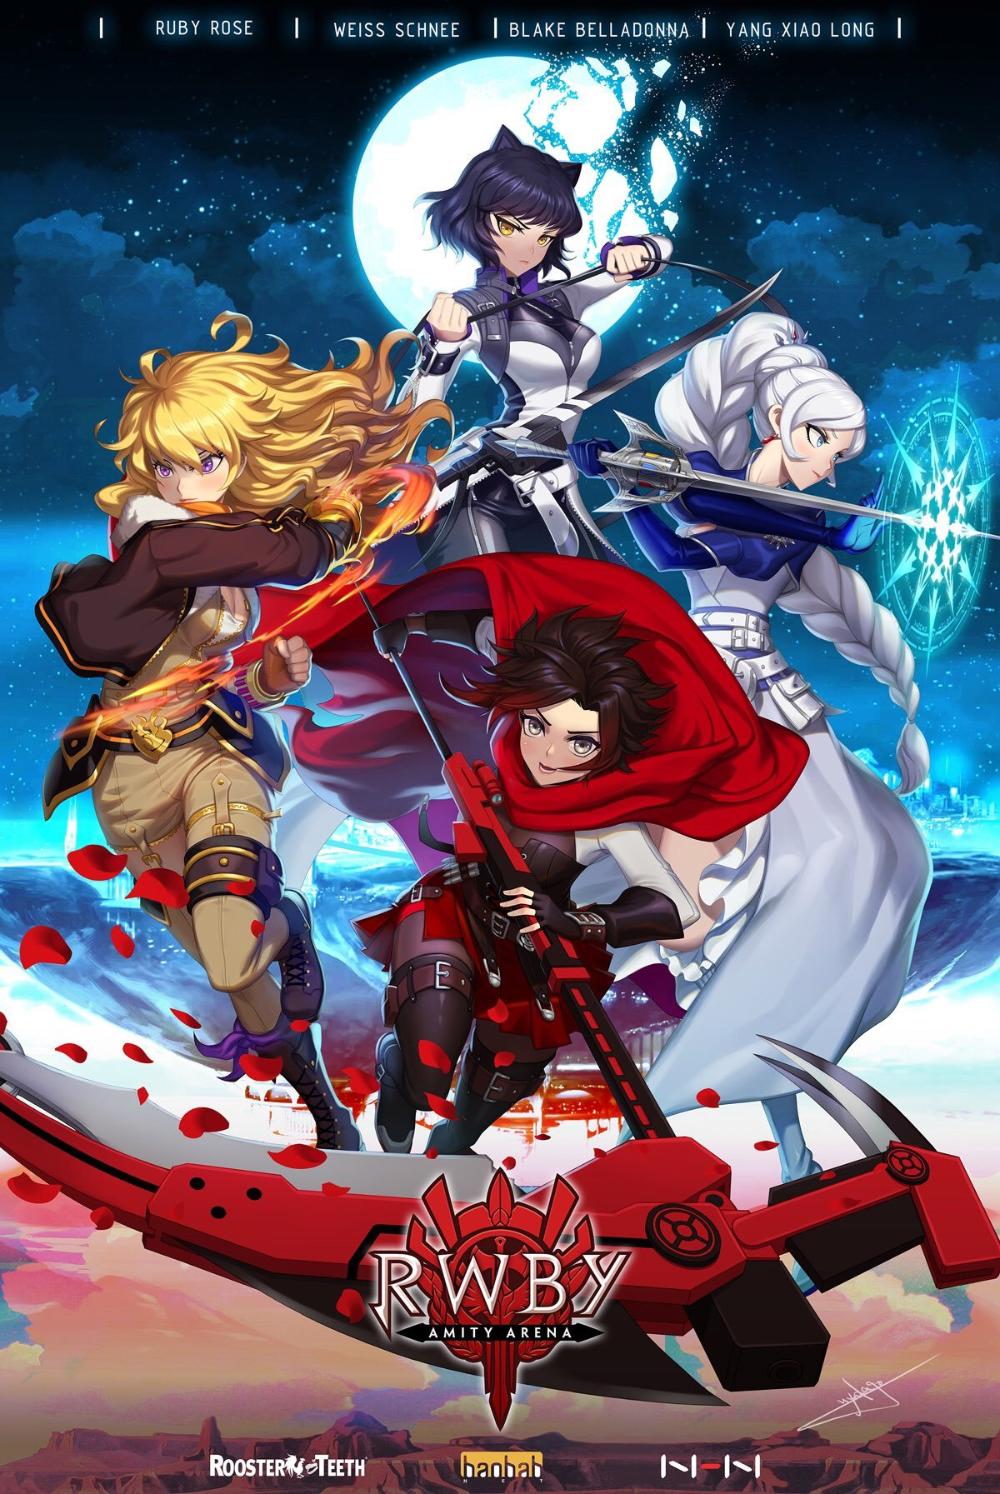 Anime arts image by Malik in 2020 Rwby anime, Rwby, Rwby